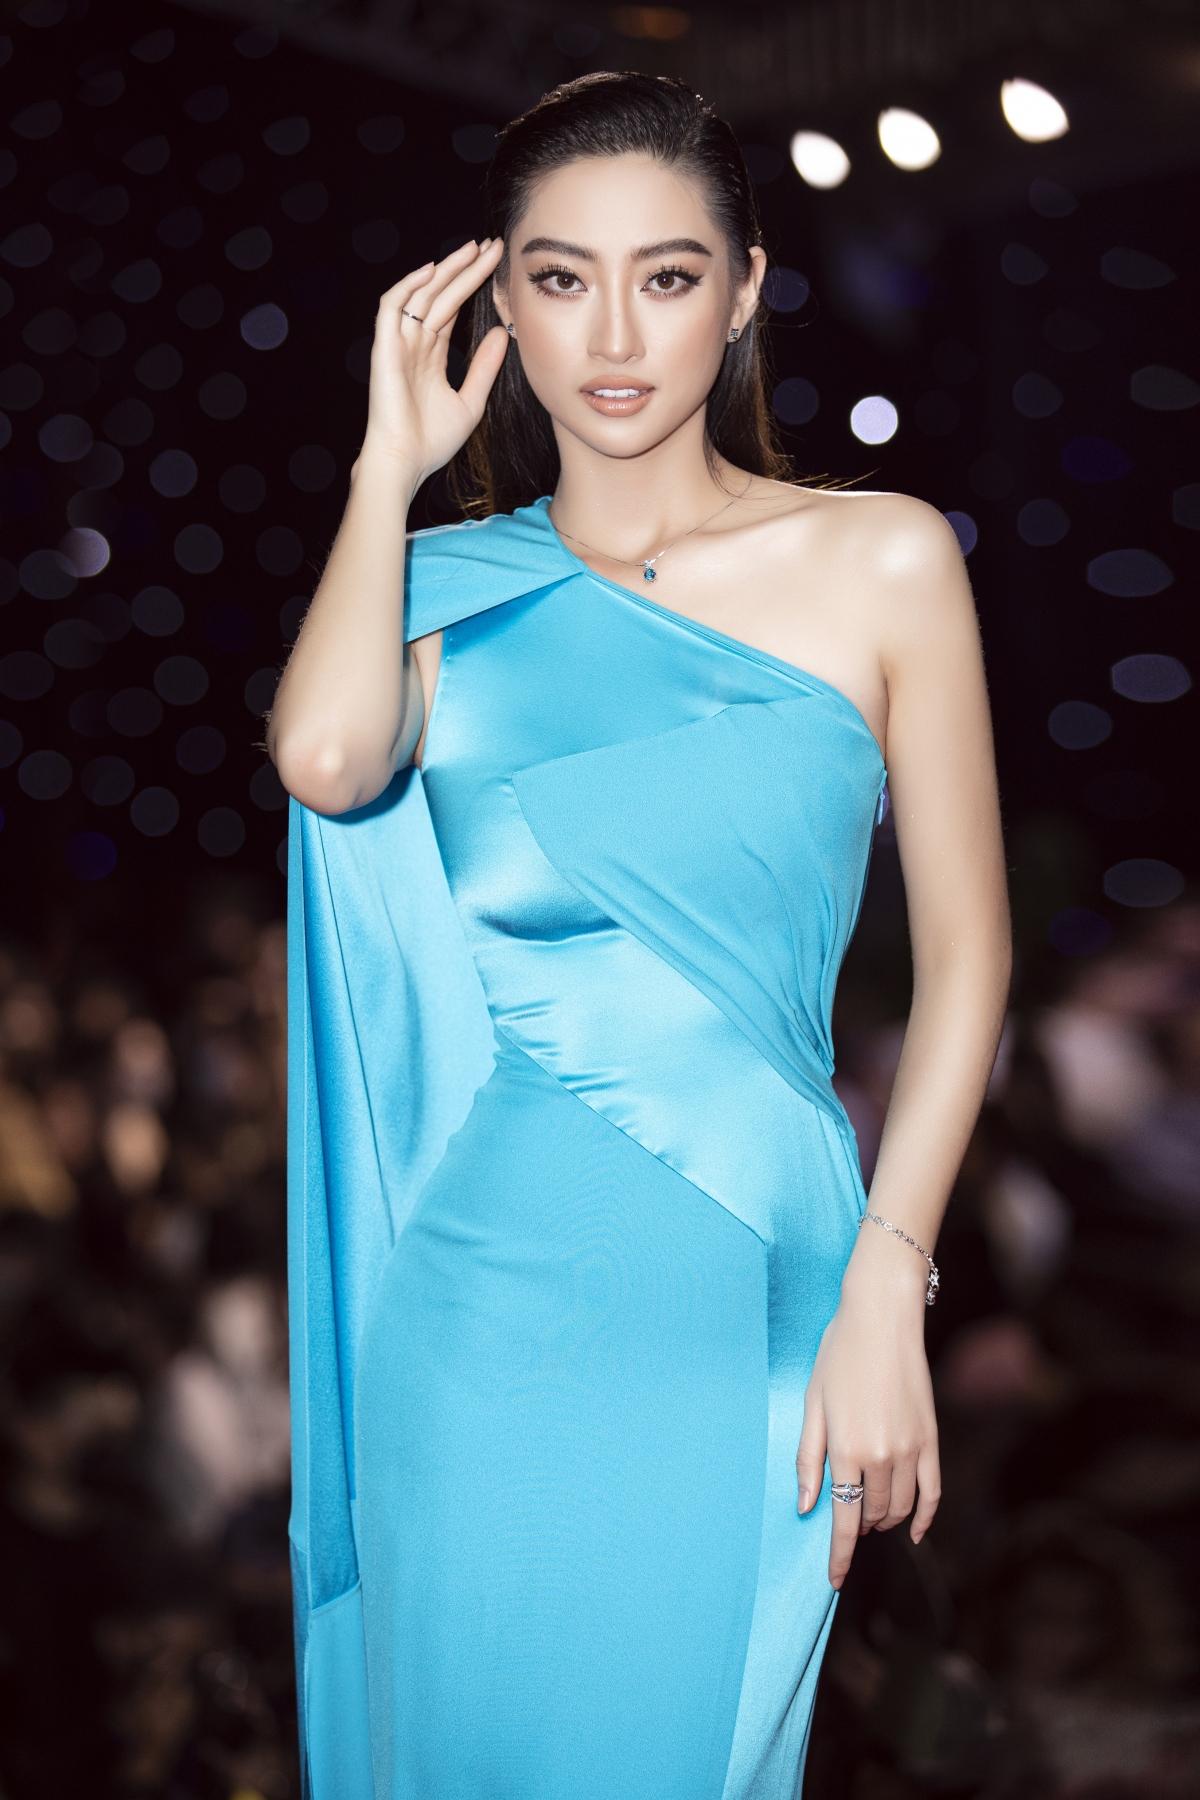 Tham gia sự kiện lần này, Hoa hậu Lương Thuỳ Linh chọn lựa một bộ cánh tôn dáng giúp khoe trọn đôi chân dài 1m22 của mình. Trong suốt hơn 1 năm đương nhiệm, nàng hậu sinh năm 2000 đã nhiều lần sải bước trên các sàn diễn thời trang lớn nhỏ bên cạnh cương vị Hoa hậu.